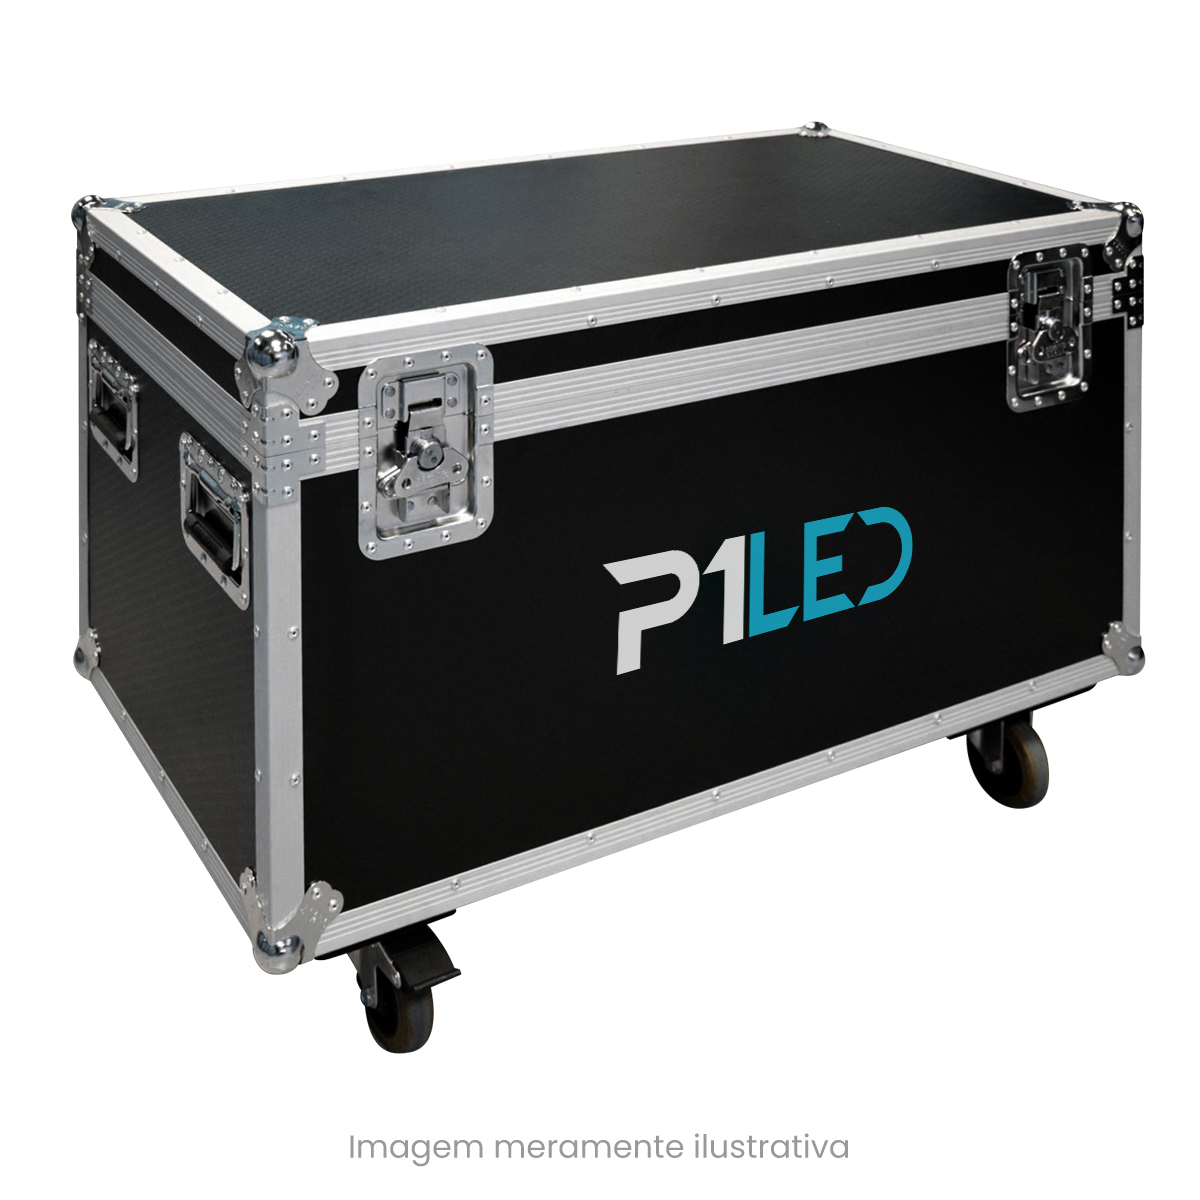 Painel de LED para Lojas e Comércios 2,88 x 1,92 - Telão P2.9 Indoor  - Painel e Telão de LED - O Melhor Preço em Painel de LED | P1LED